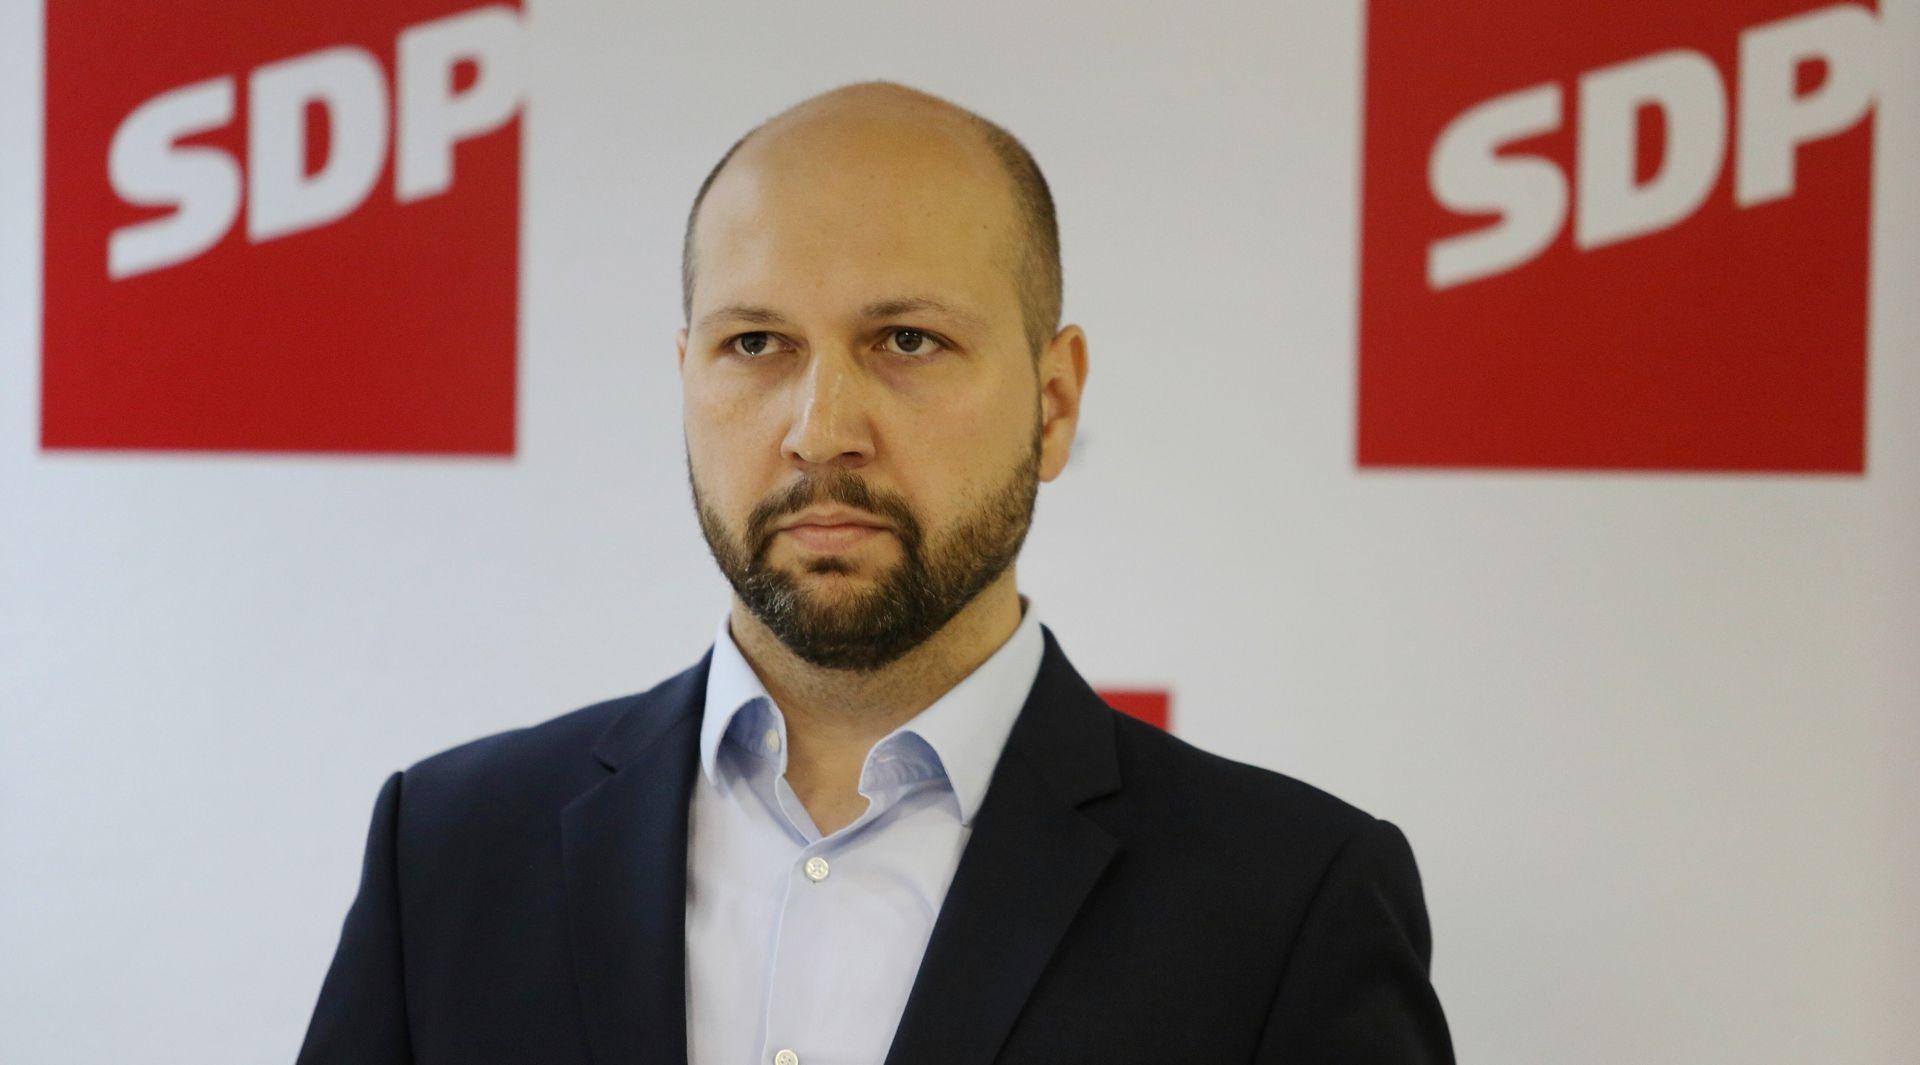 ZMAJLOVIĆ 'Treba konačno maknuti Bandića iz Zagreba, a jedino ujedinjena ljevica to može'